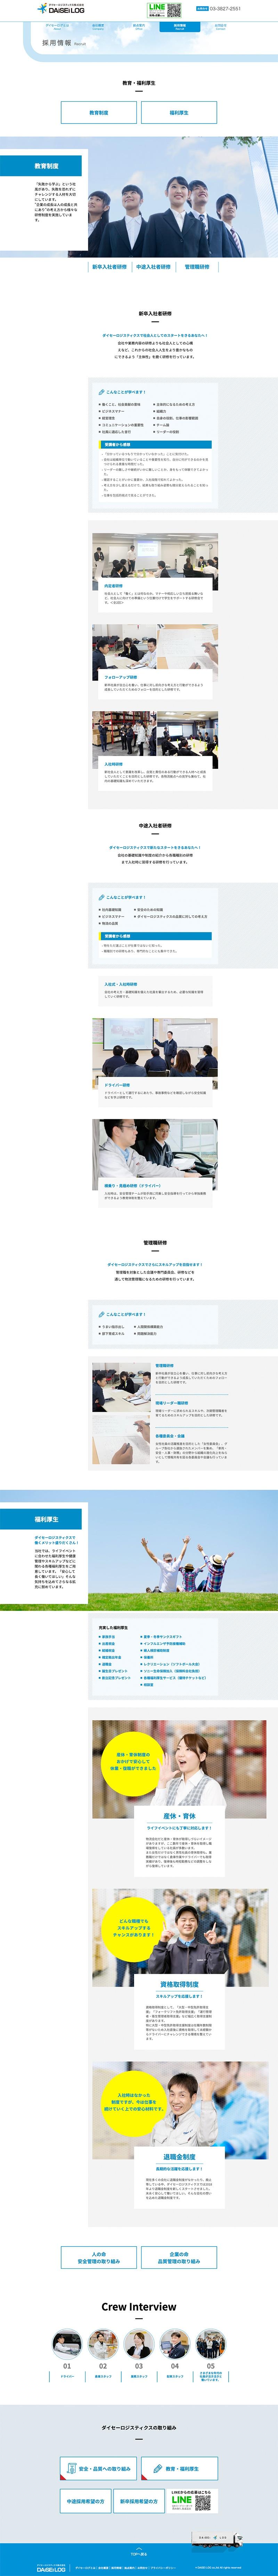 ダイセーロジスティクス株式会社様・採用案内ページ